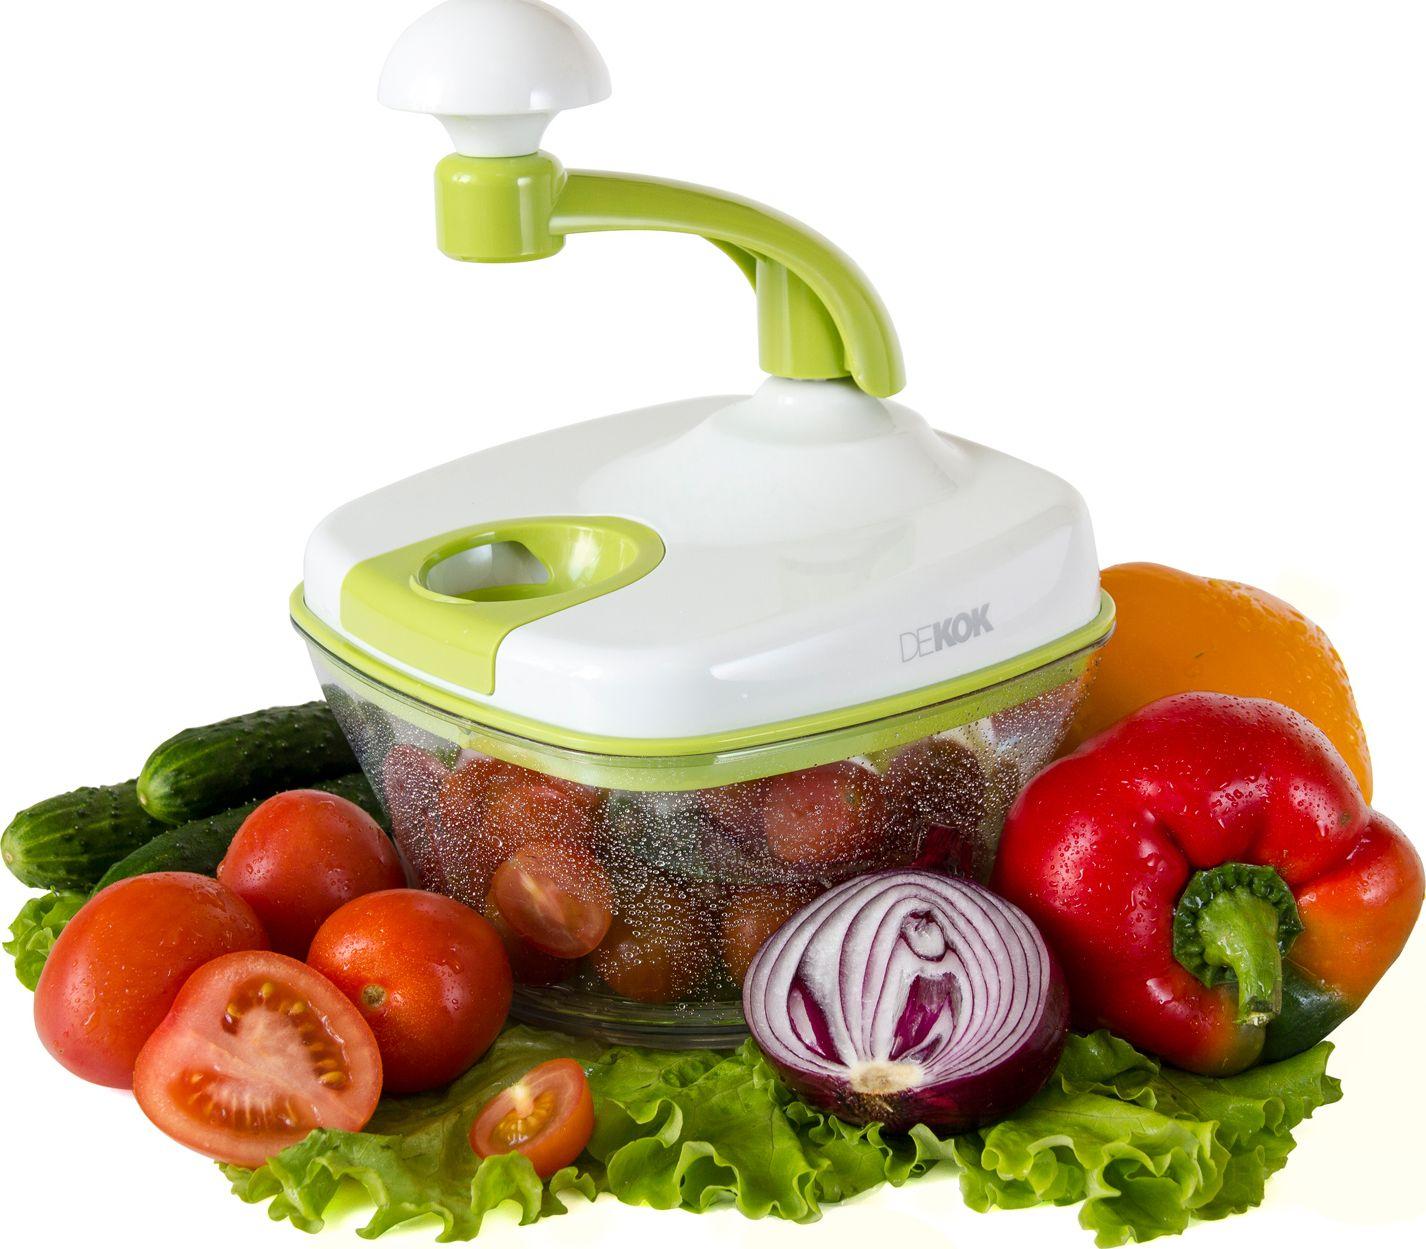 Фото - Фрукто-овощерезка Dekok многофункциональный кухонный процессор, белый, салатовый фрукто овощерезка augustin welz многофункциональный кухонный процессор белый фиолетовый